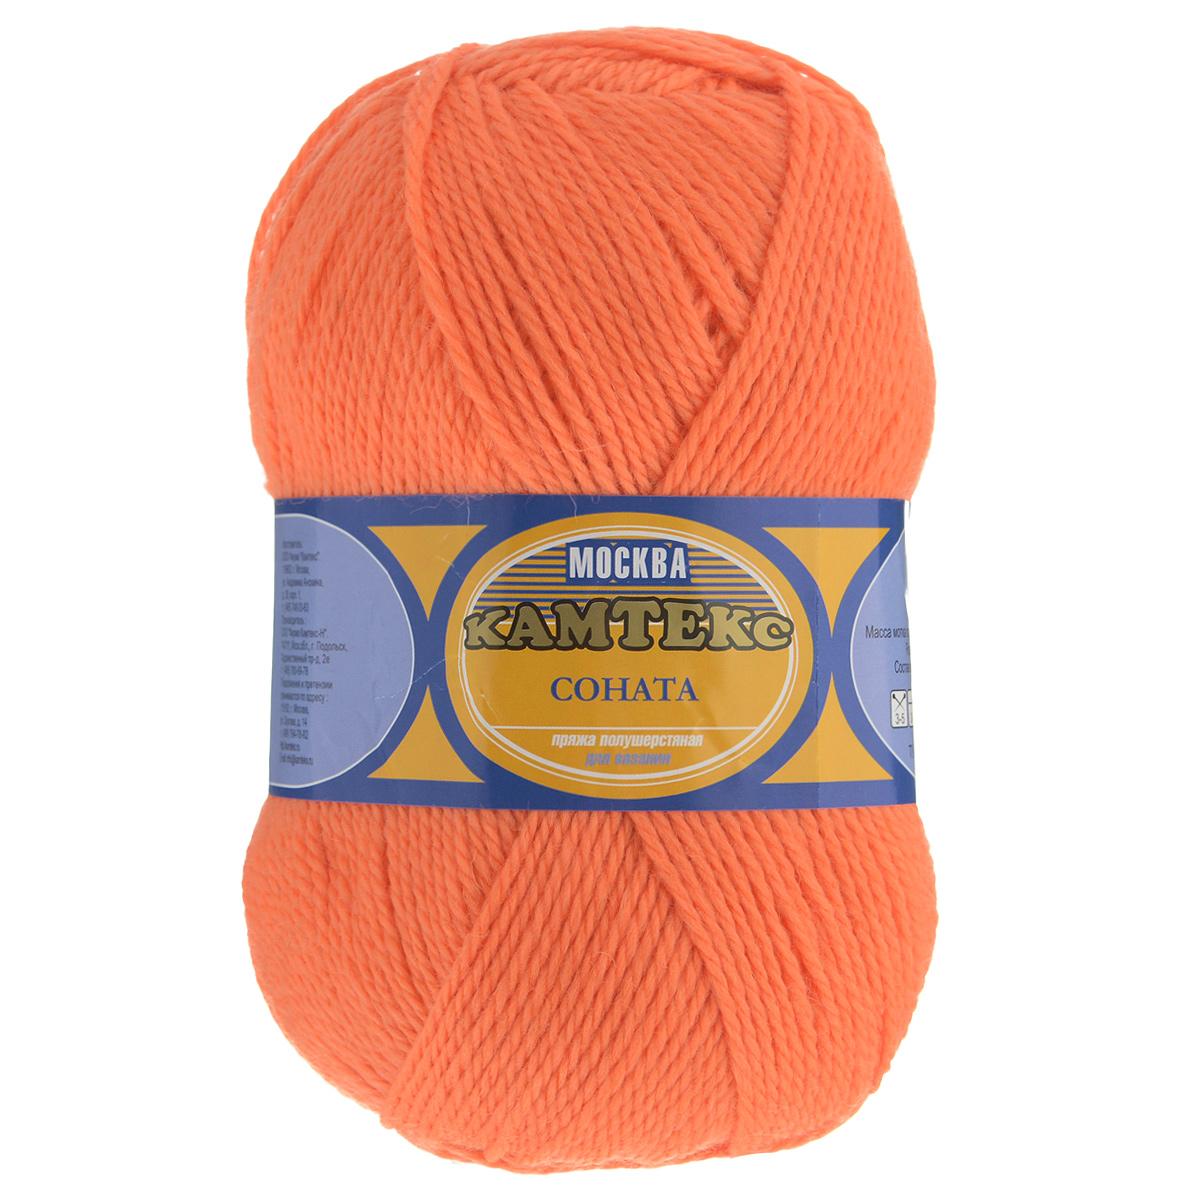 Пряжа для вязания Камтекс Соната, цвет: оранжевый (035), 250 м, 100 г, 10 шт136030_035Пряжа для вязания Камтекс Соната изготовлена из 50% шерсти, 50% акрила. Она вяжется легко и свободно. Ворсистая ниточка ровно складывается в полотно, которое имеет минимальный процент усадки. Из пряжи Соната прекрасно вяжутся теплые туники, жилеты, свитера и даже платья. Рекомендуемые для вязания спицы и крючки 3-5 мм. Состав: 50% шерсть, 50% акрил. Комплектация: 10 шт. Толщина нити: 2 мм.